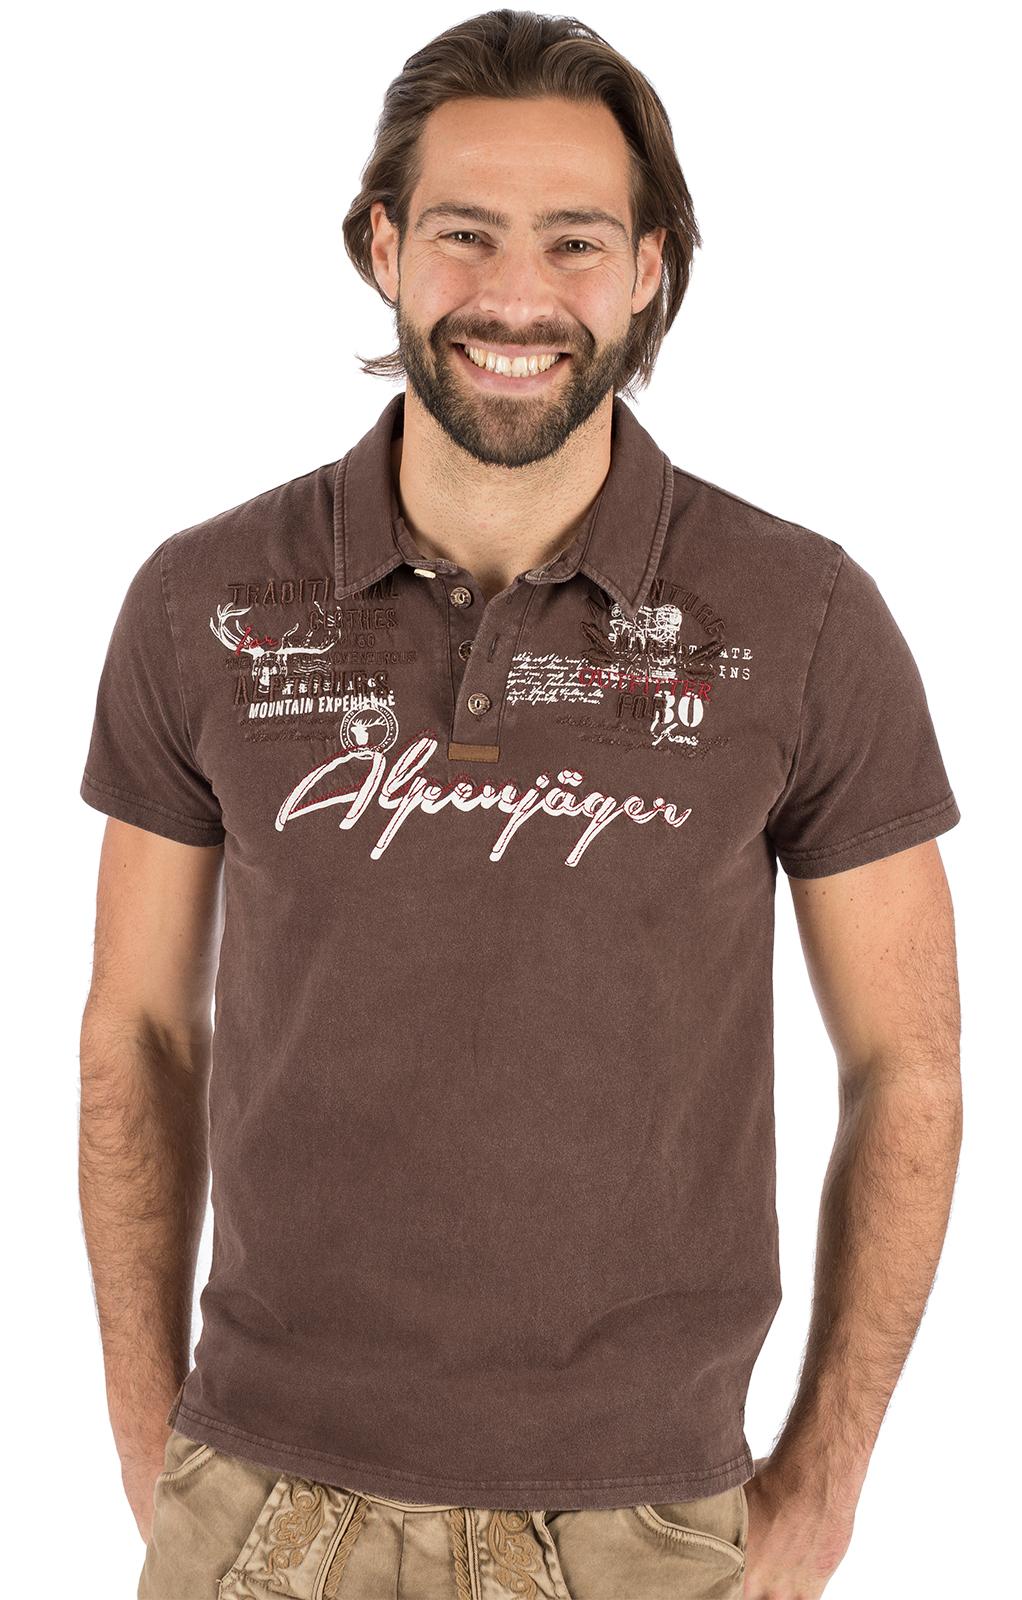 Trachten T-Shirt E09 - ALPENJAEGER braun von Marjo